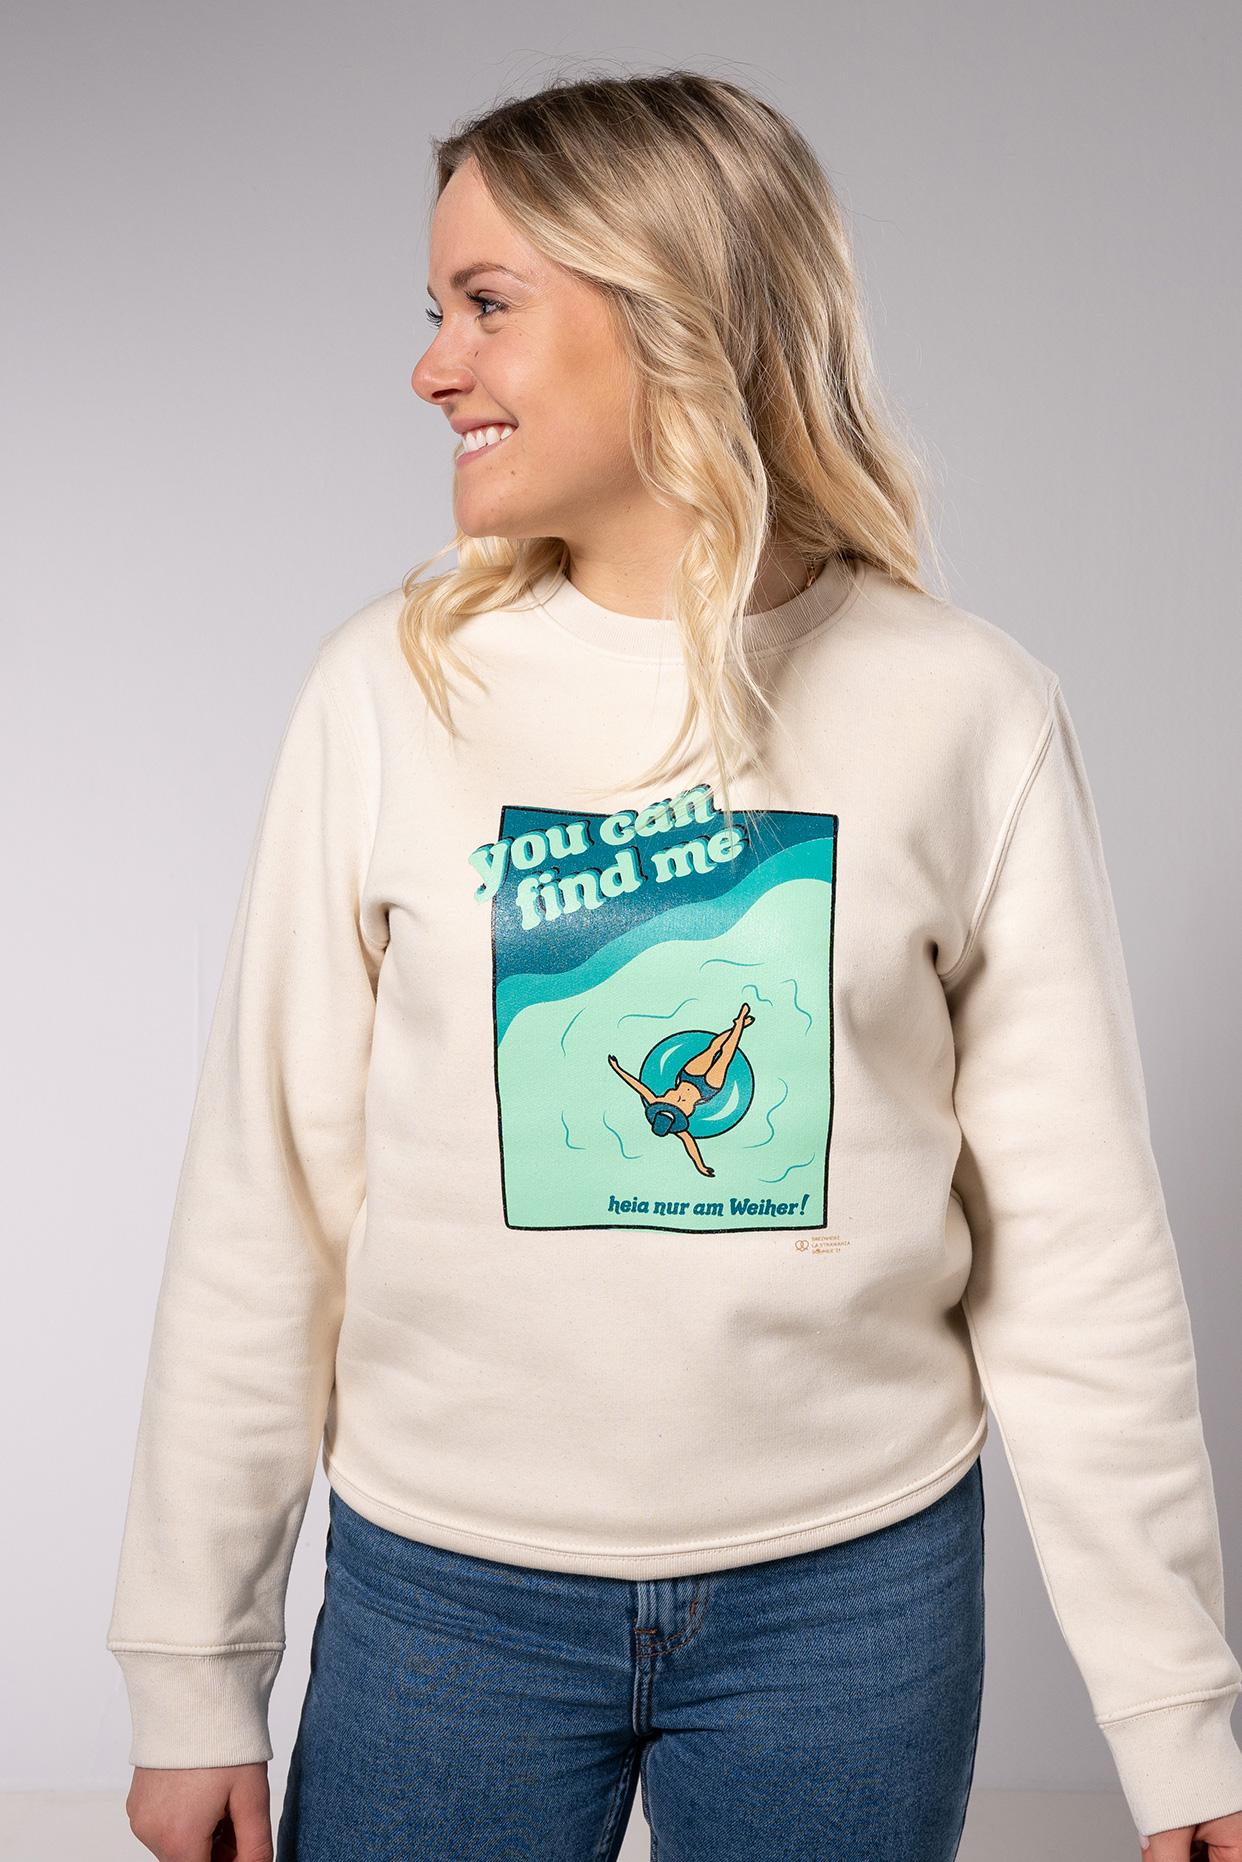 Heia nur am Weiher Sweater